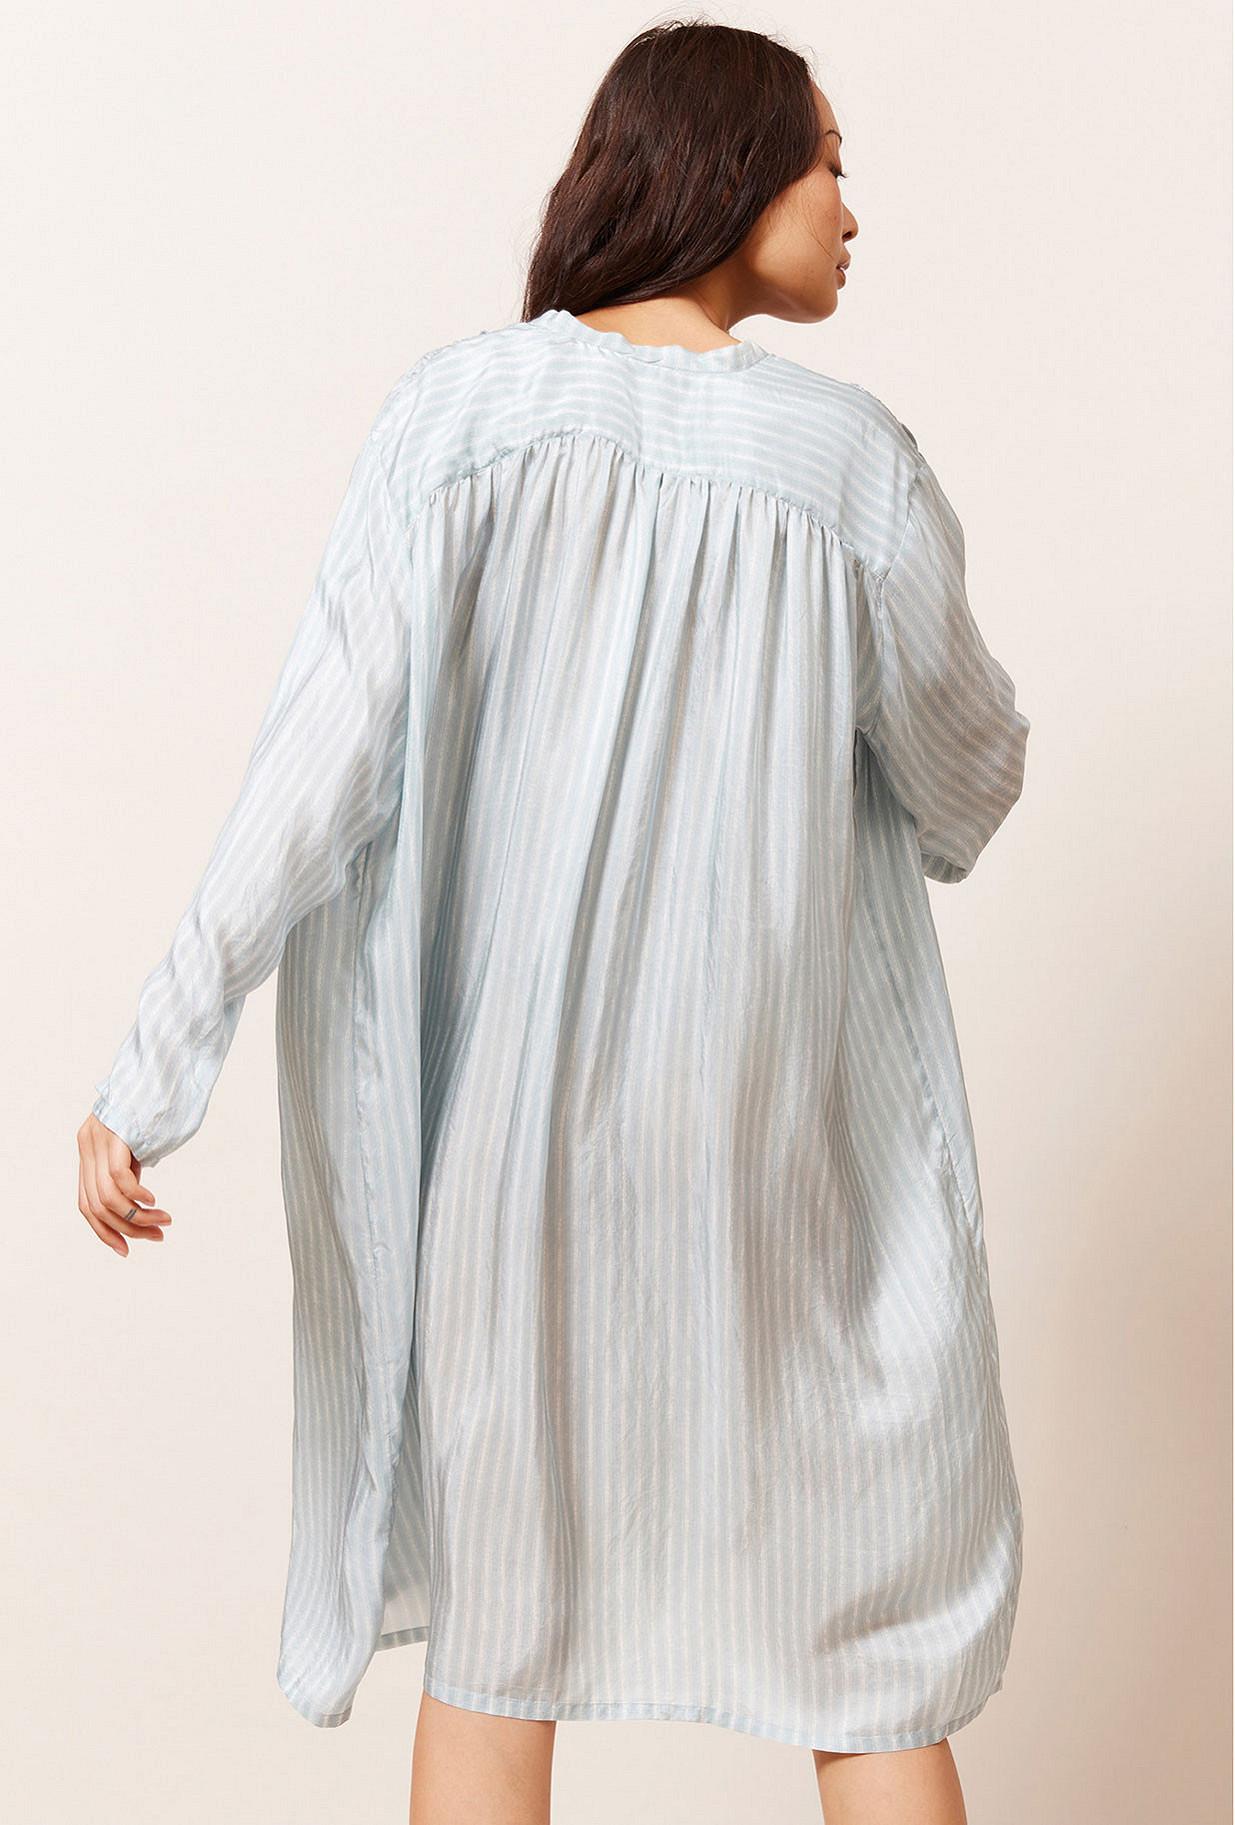 Robe Rayé bleu  Jaswant mes demoiselles paris vêtement femme paris